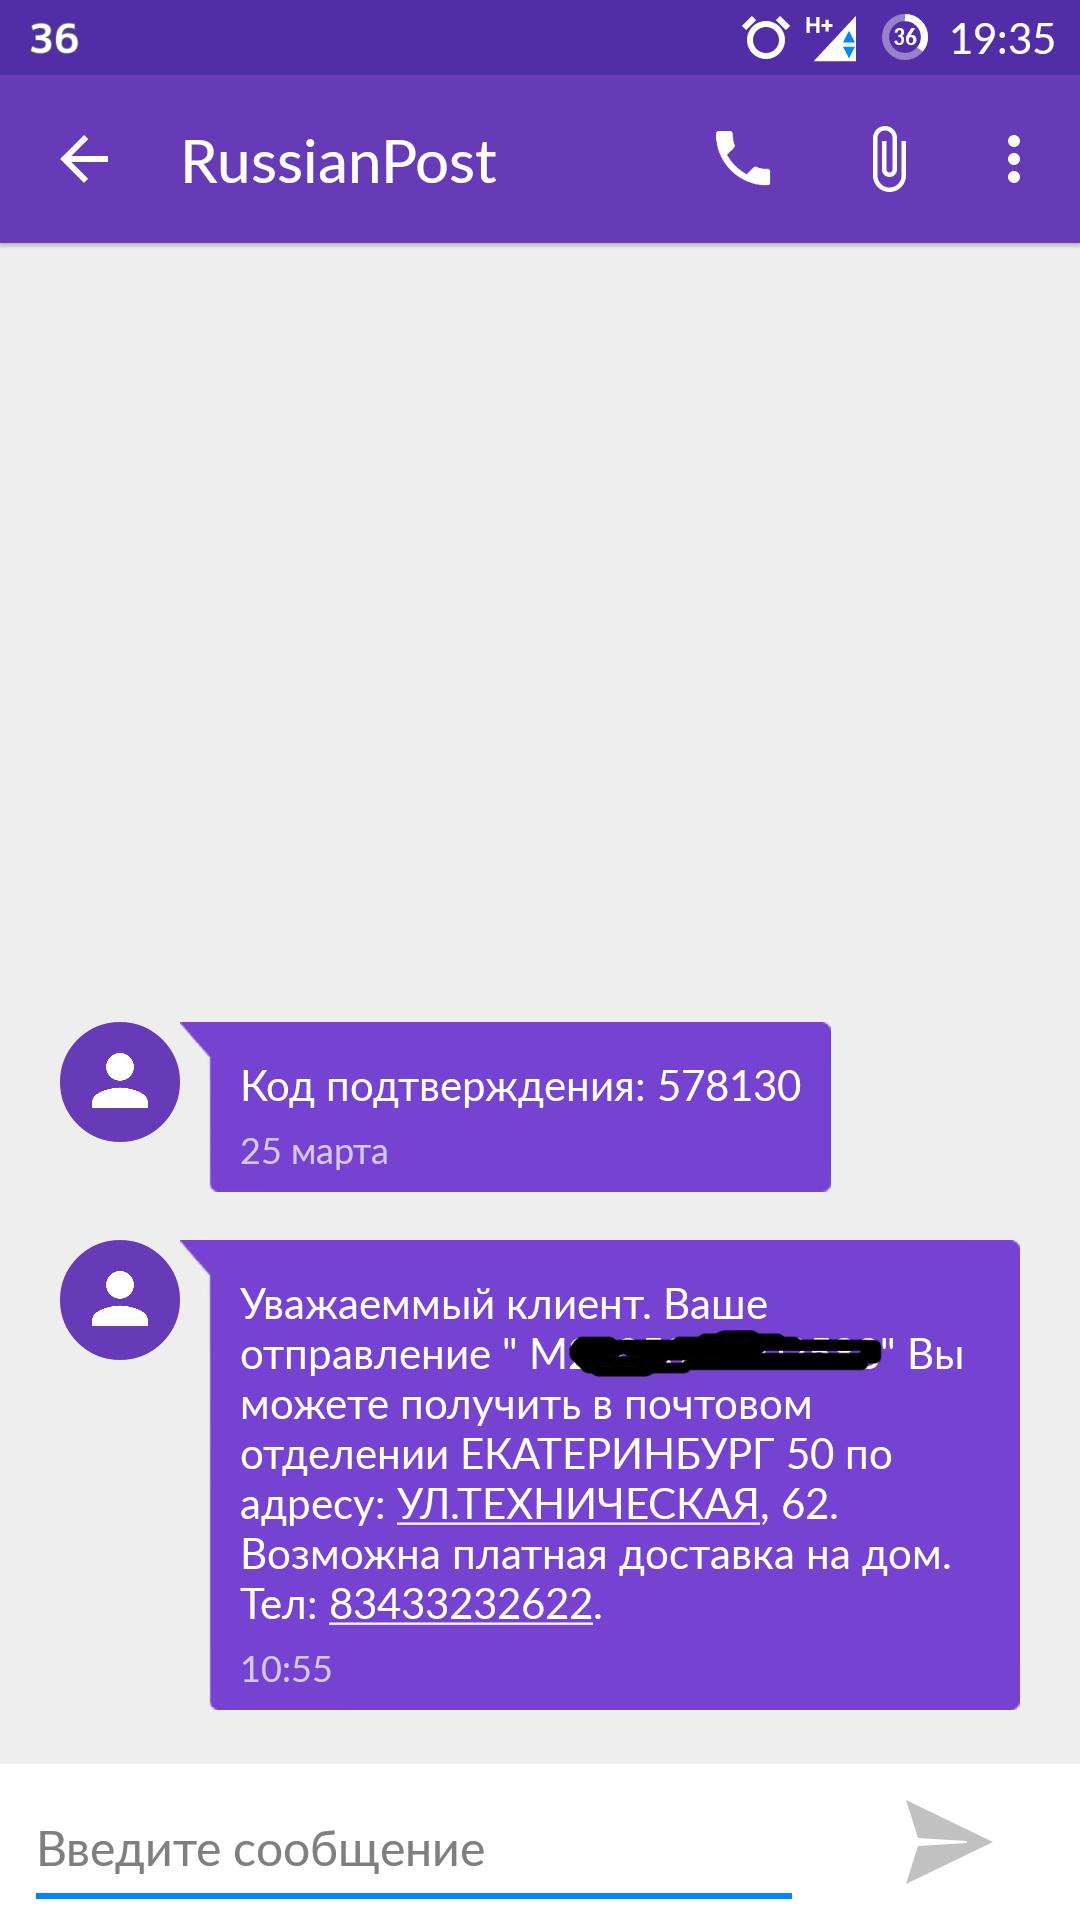 RussianPost Почта России, Смс-Рассылка d9ccdbc9100